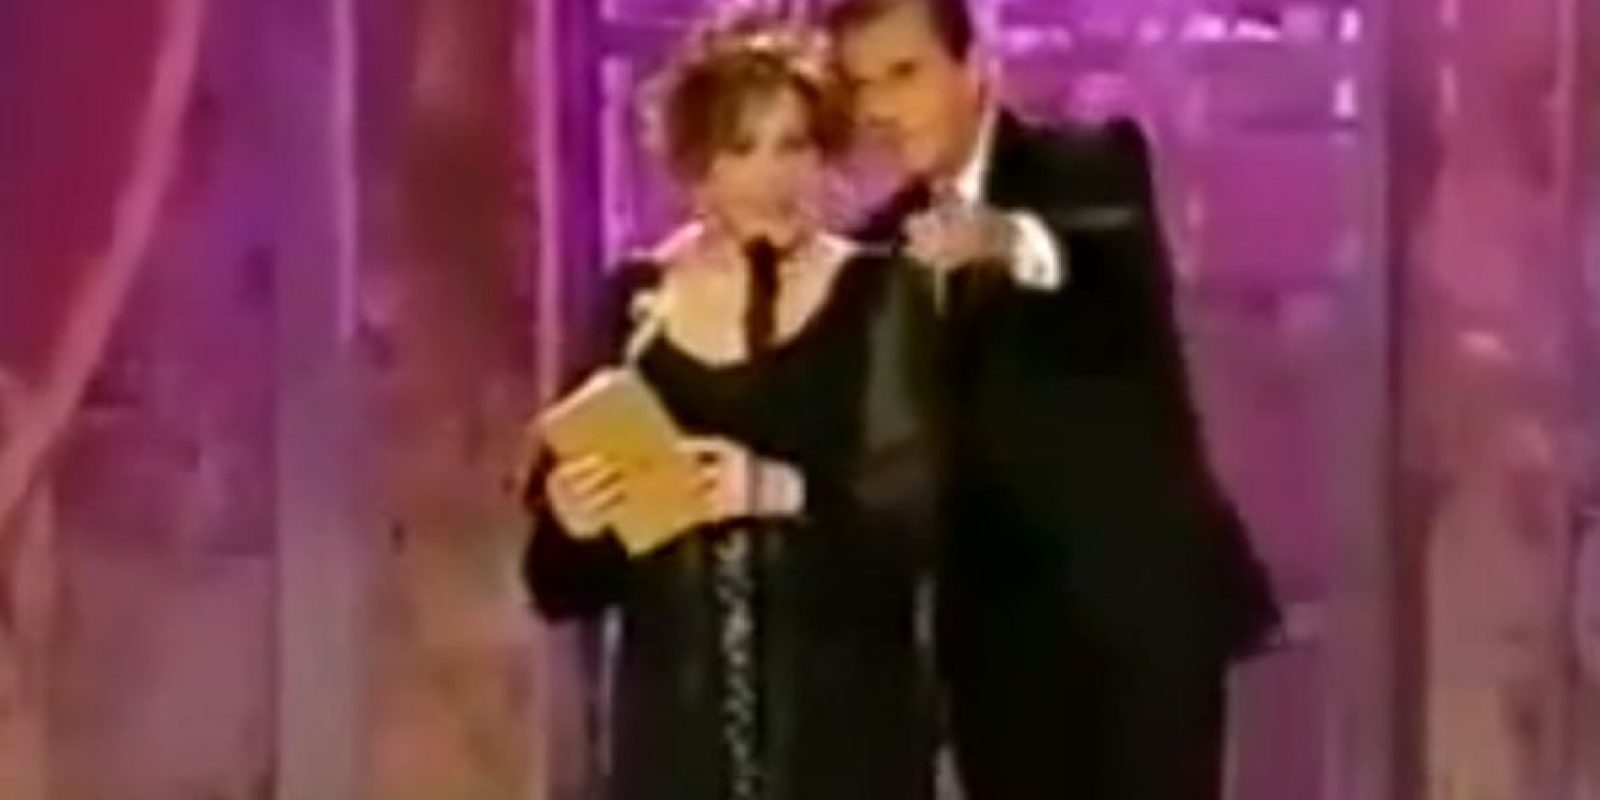 Mejor aún: Elizabeth Taylor borracha en 2000 Foto:NBC